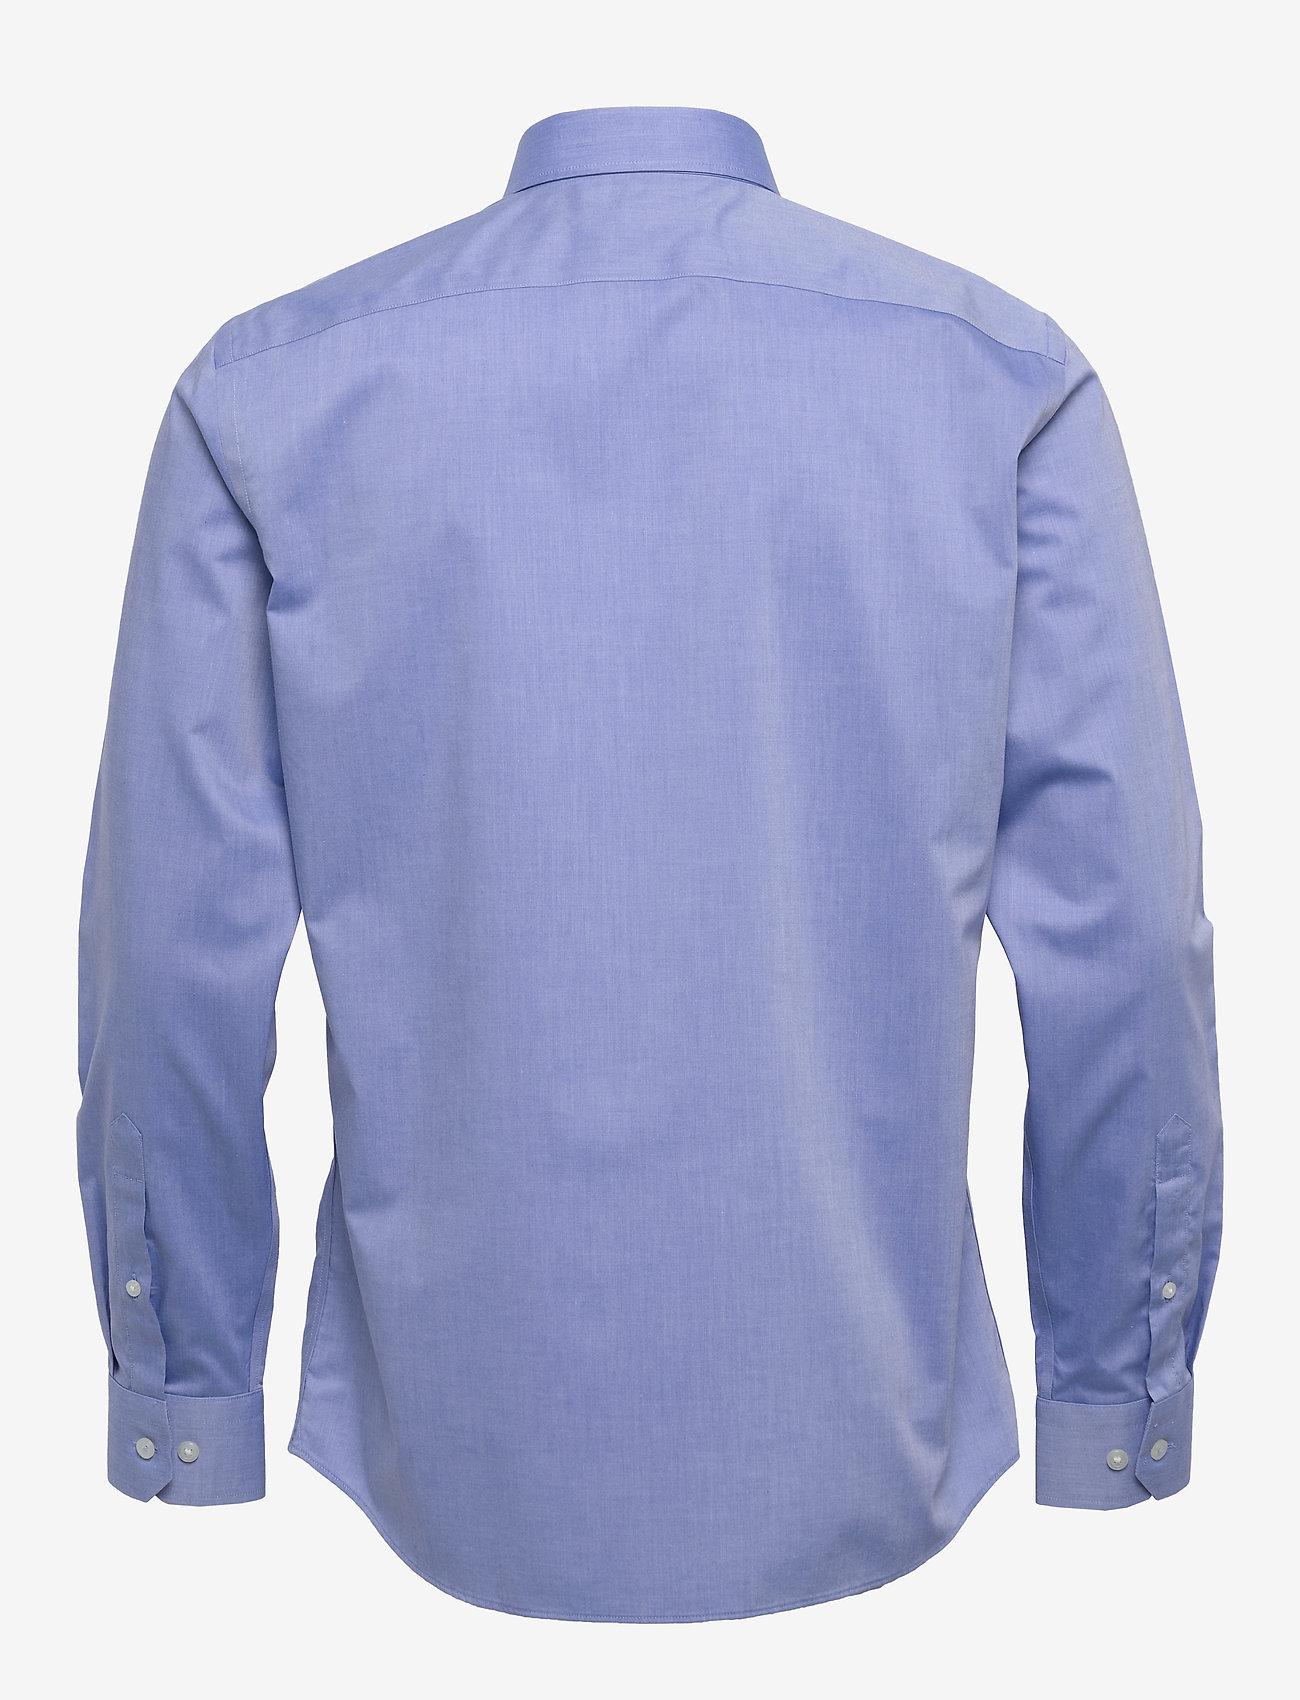 Banana Republic - I CA LOGO NI SOLID - basic shirts - blue - 1